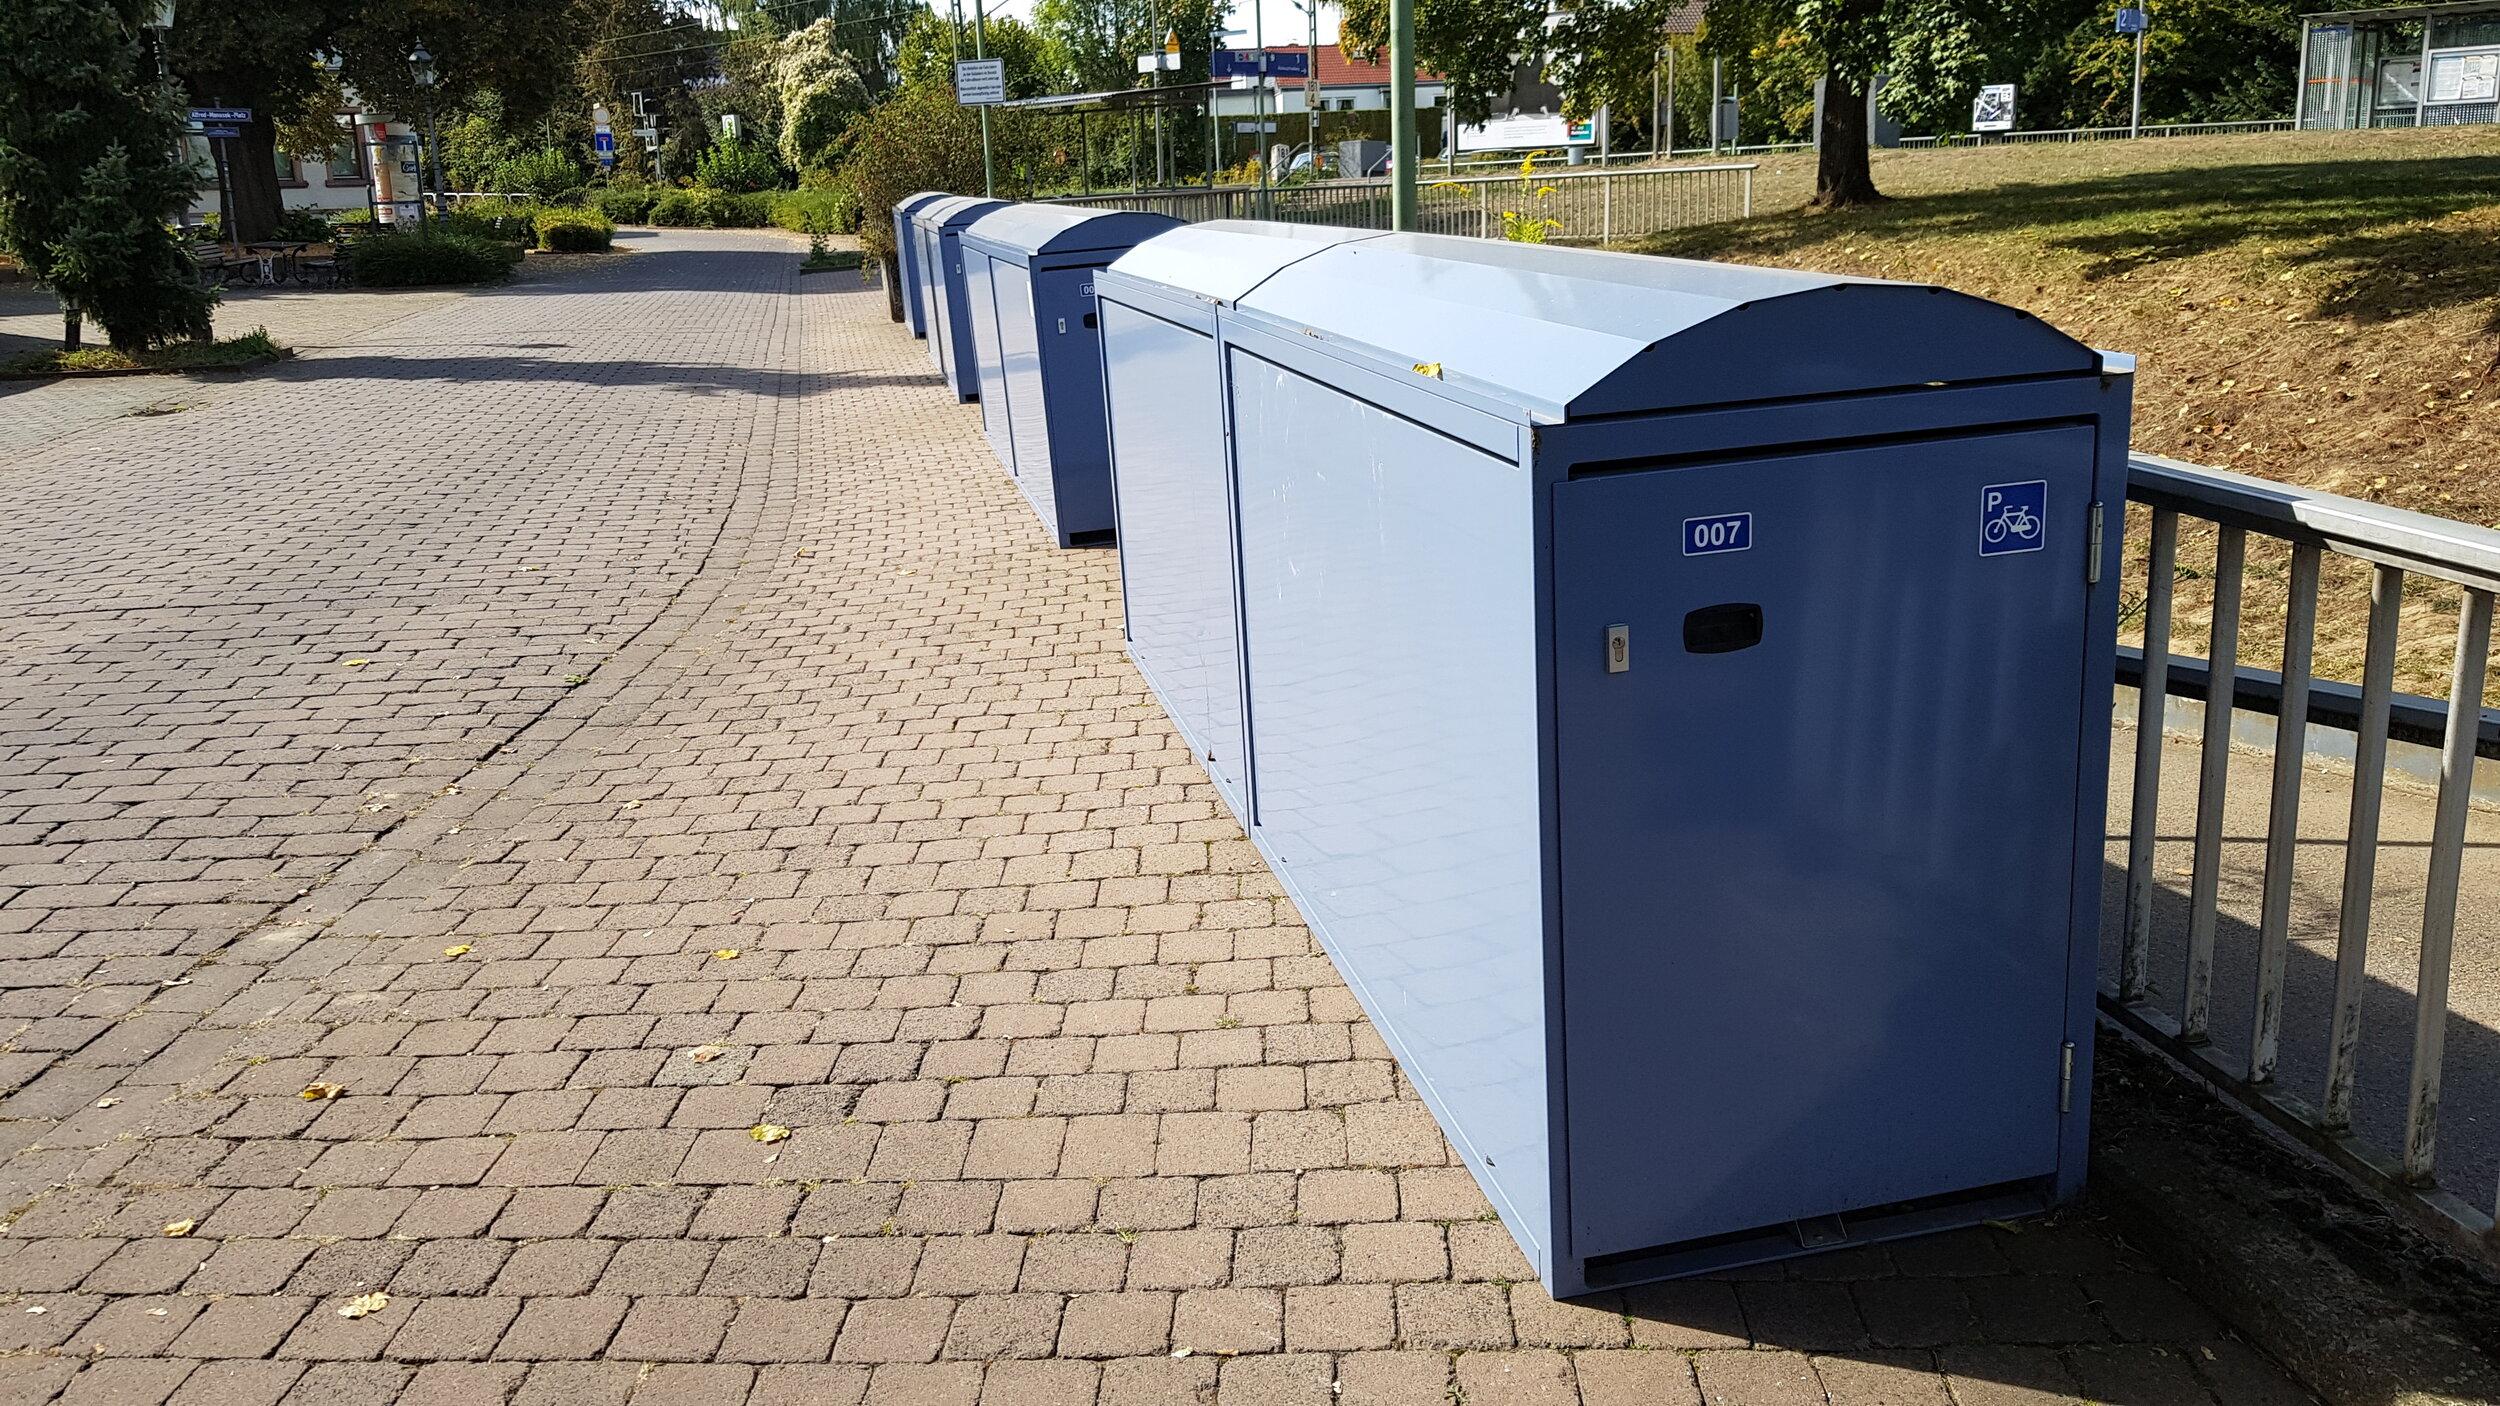 Inzwischen fast vollständig belegt: Die Fahrradboxen am Dortelweiler Bahnhof. Foto: CDU Bad Vilbel